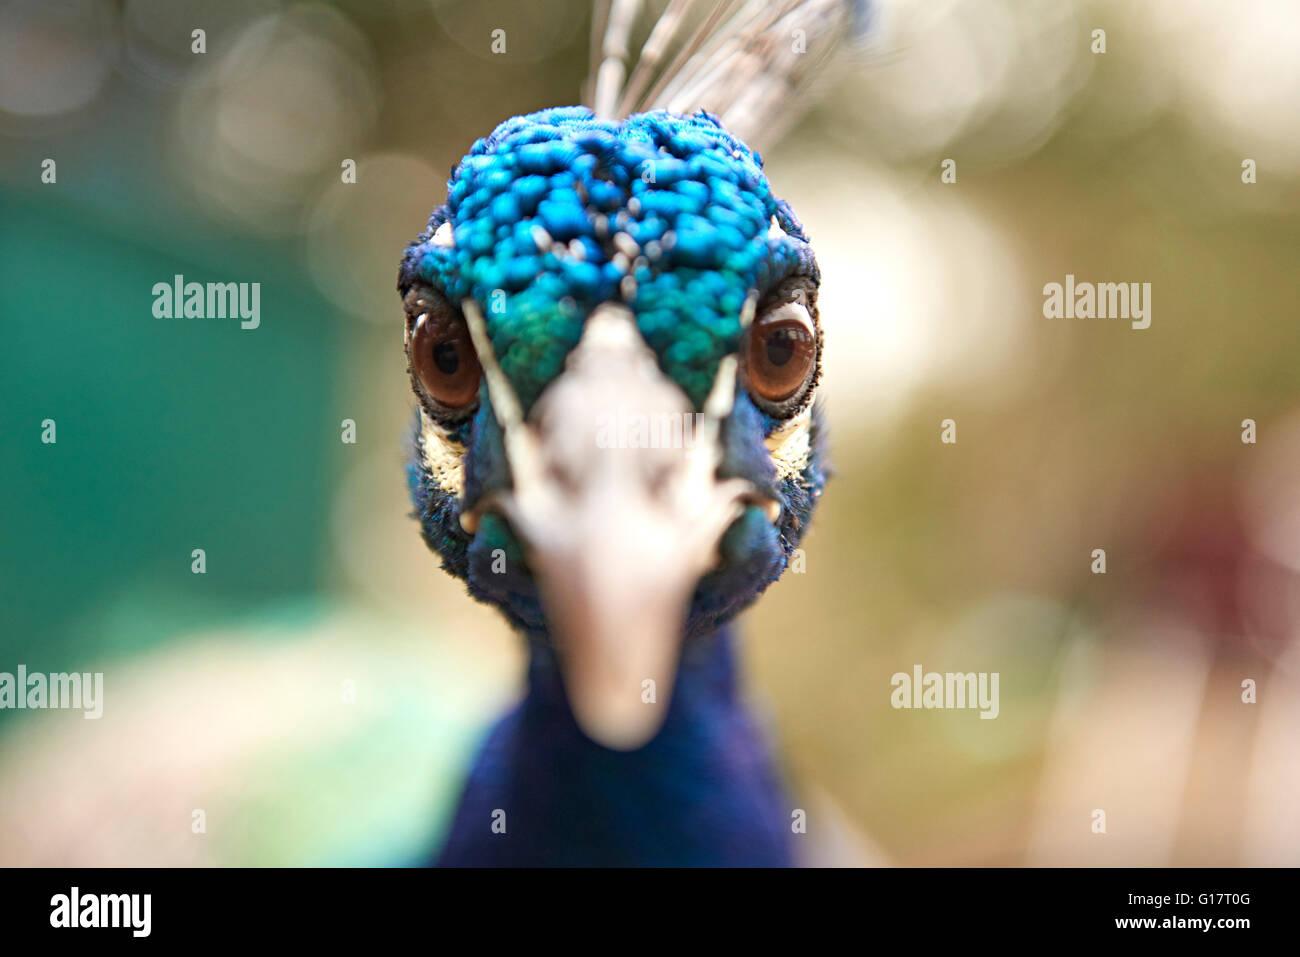 Close Up retrato de mirar fijamente el peacock azul Foto de stock